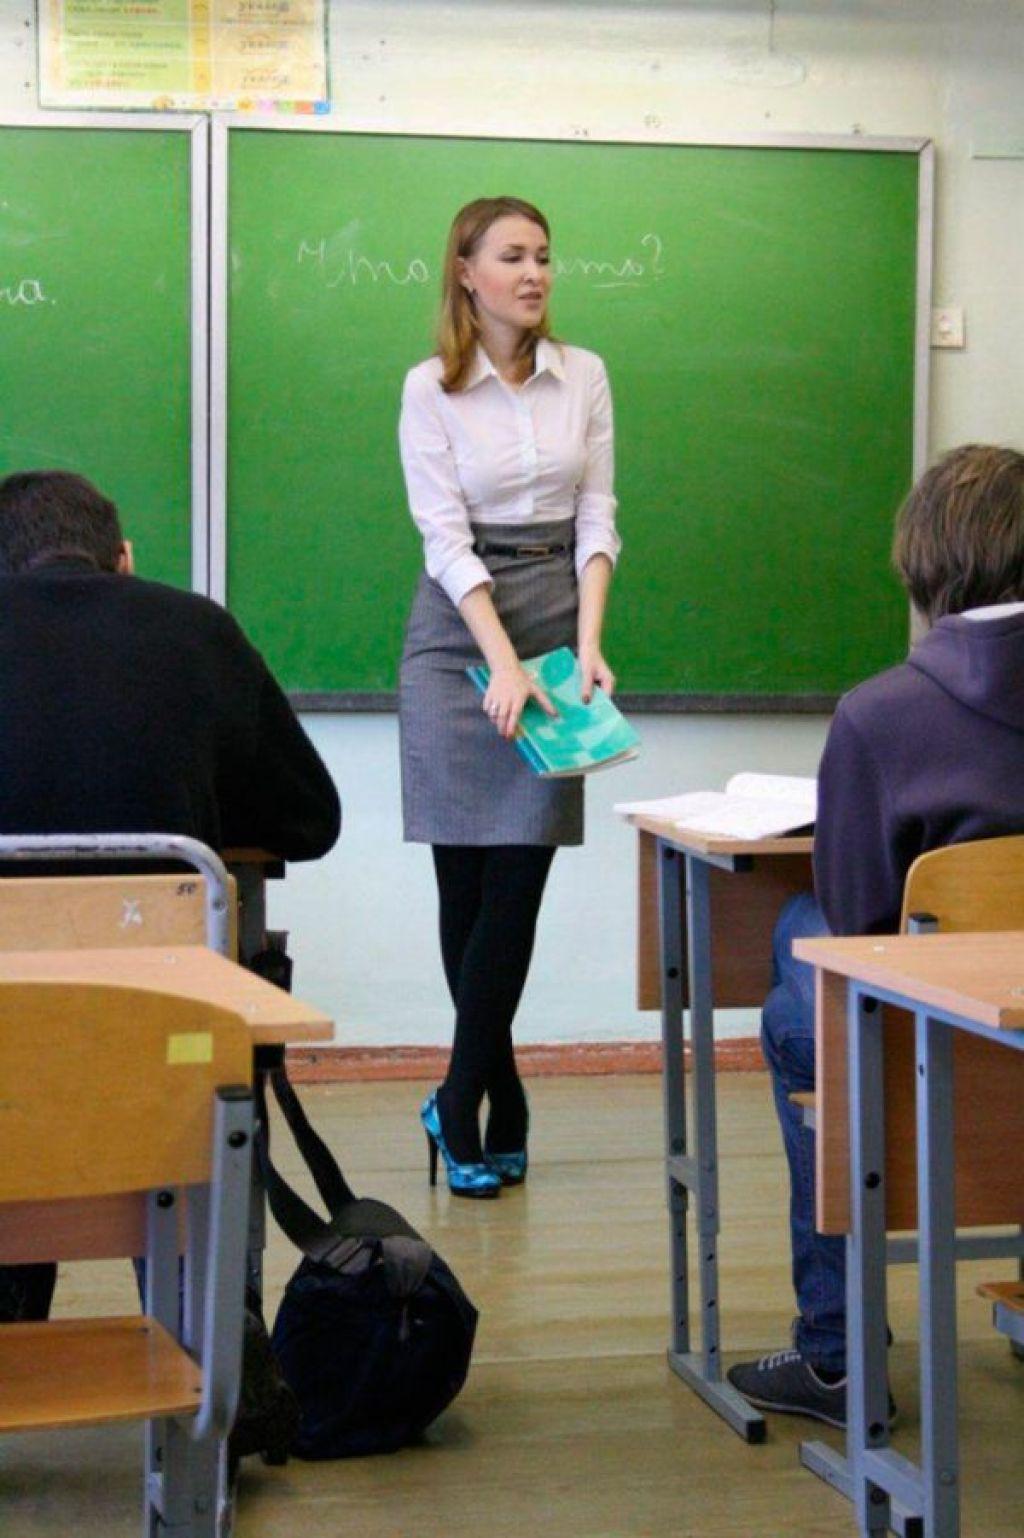 授業参観でお父さんが集まるロシアの女教師の画像集(34枚)・22枚目